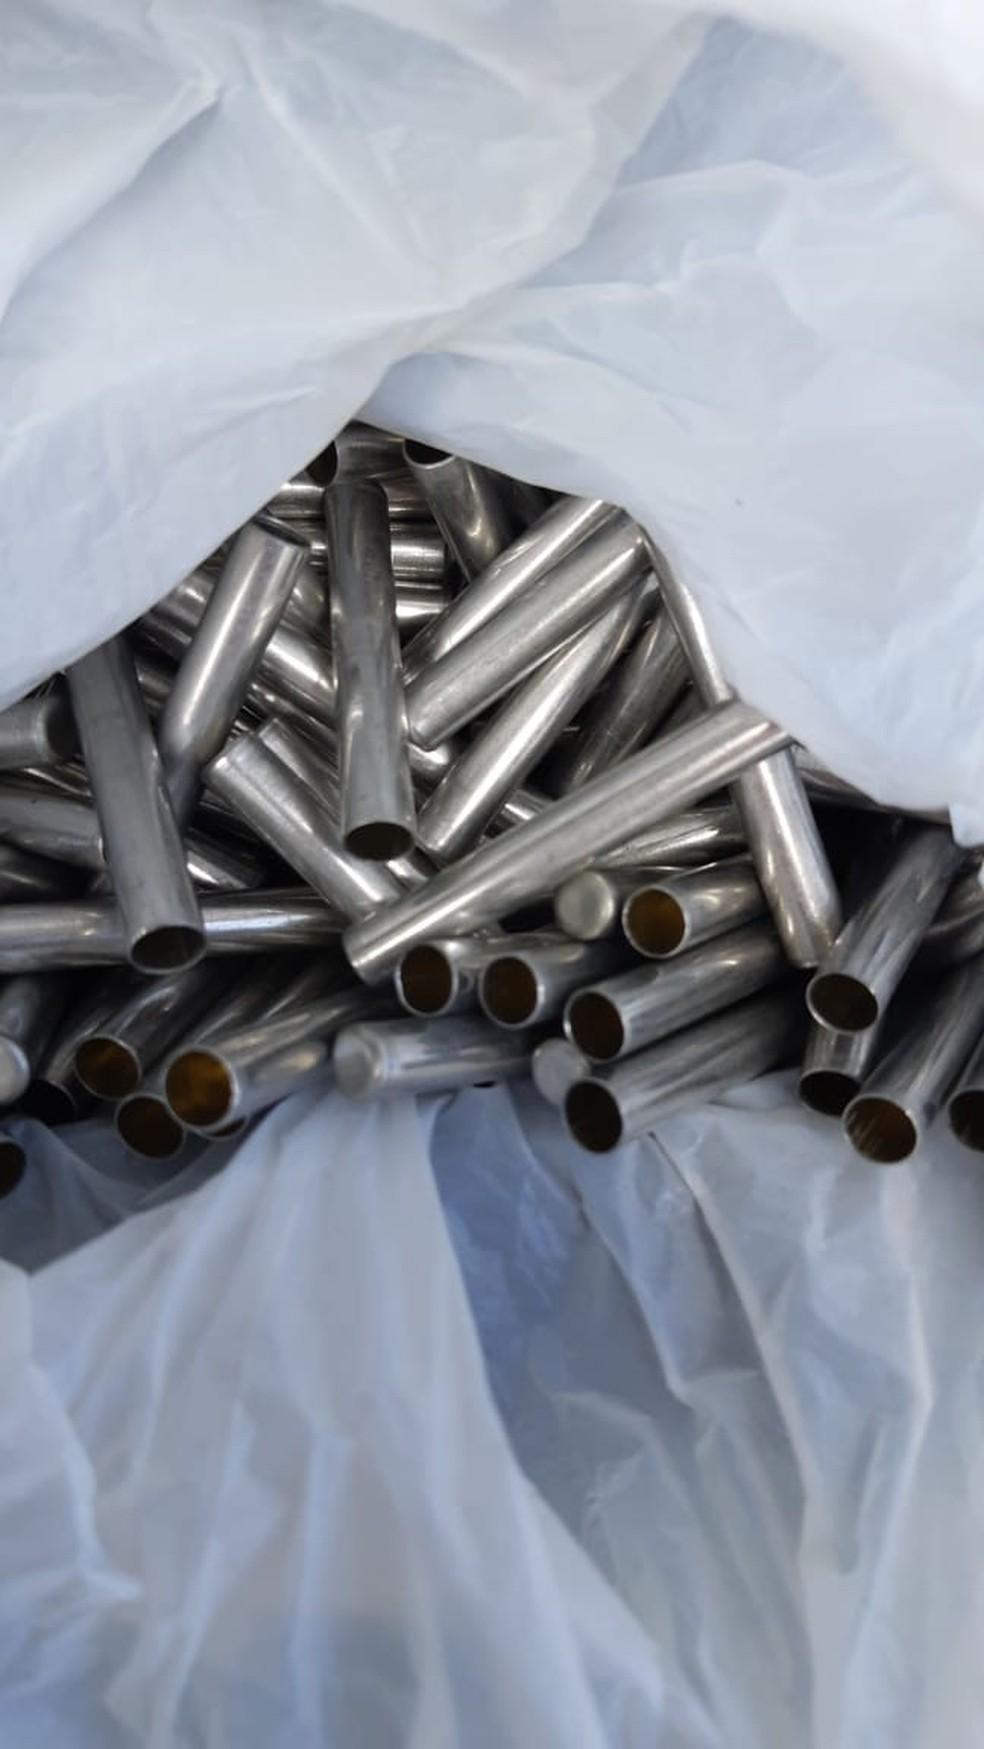 Espoletas para explosivos de demolição  — Foto: Polícia Rodoviária Federal/Divulgação